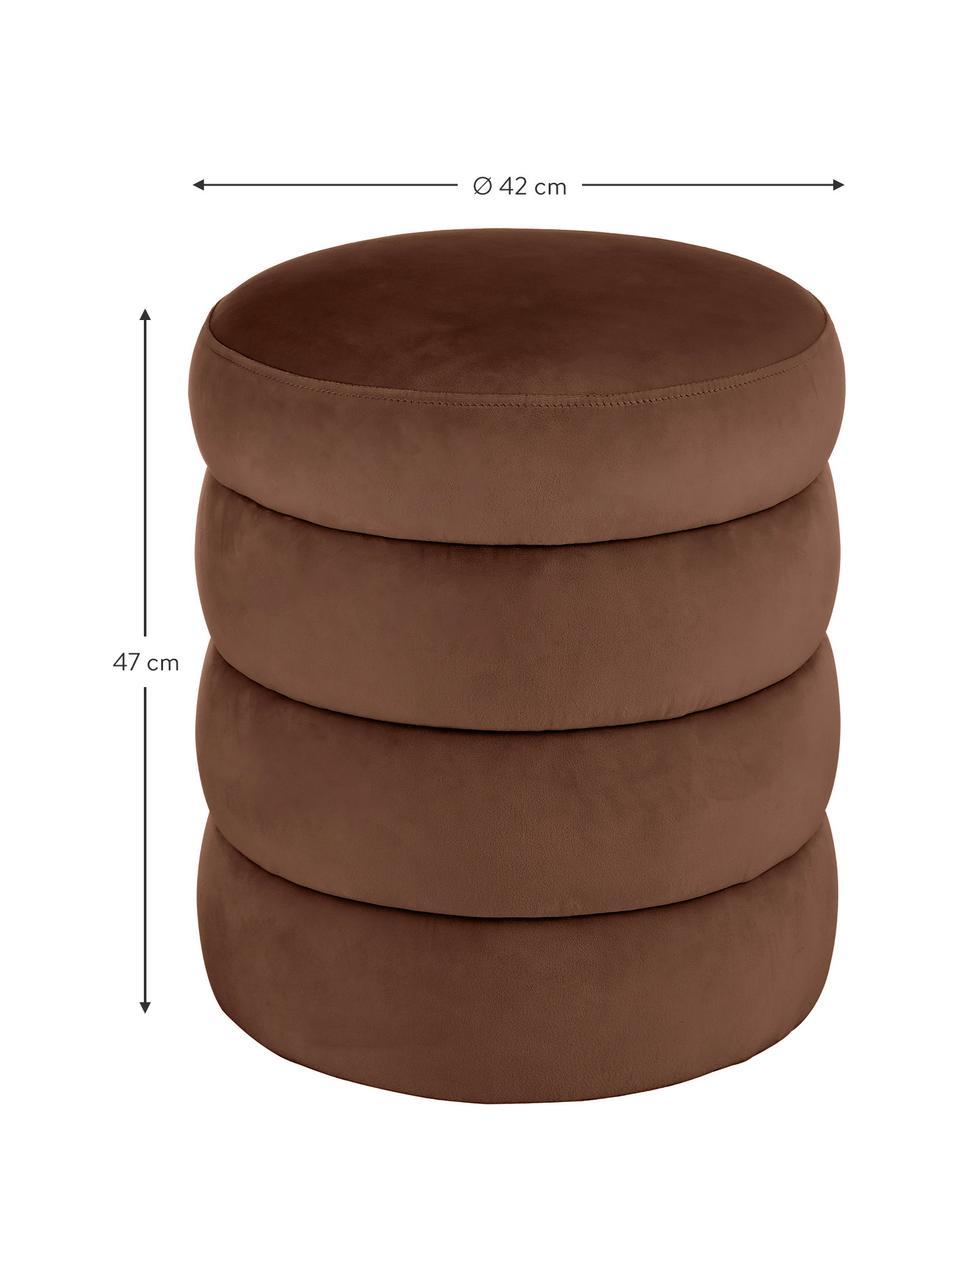 Puf z aksamitu Alto, Tapicerka: aksamit (100% poliester) , Stelaż: lite drewno sosnowe, skle, Aksamitny brązowy, Ø 42 x W 47 cm